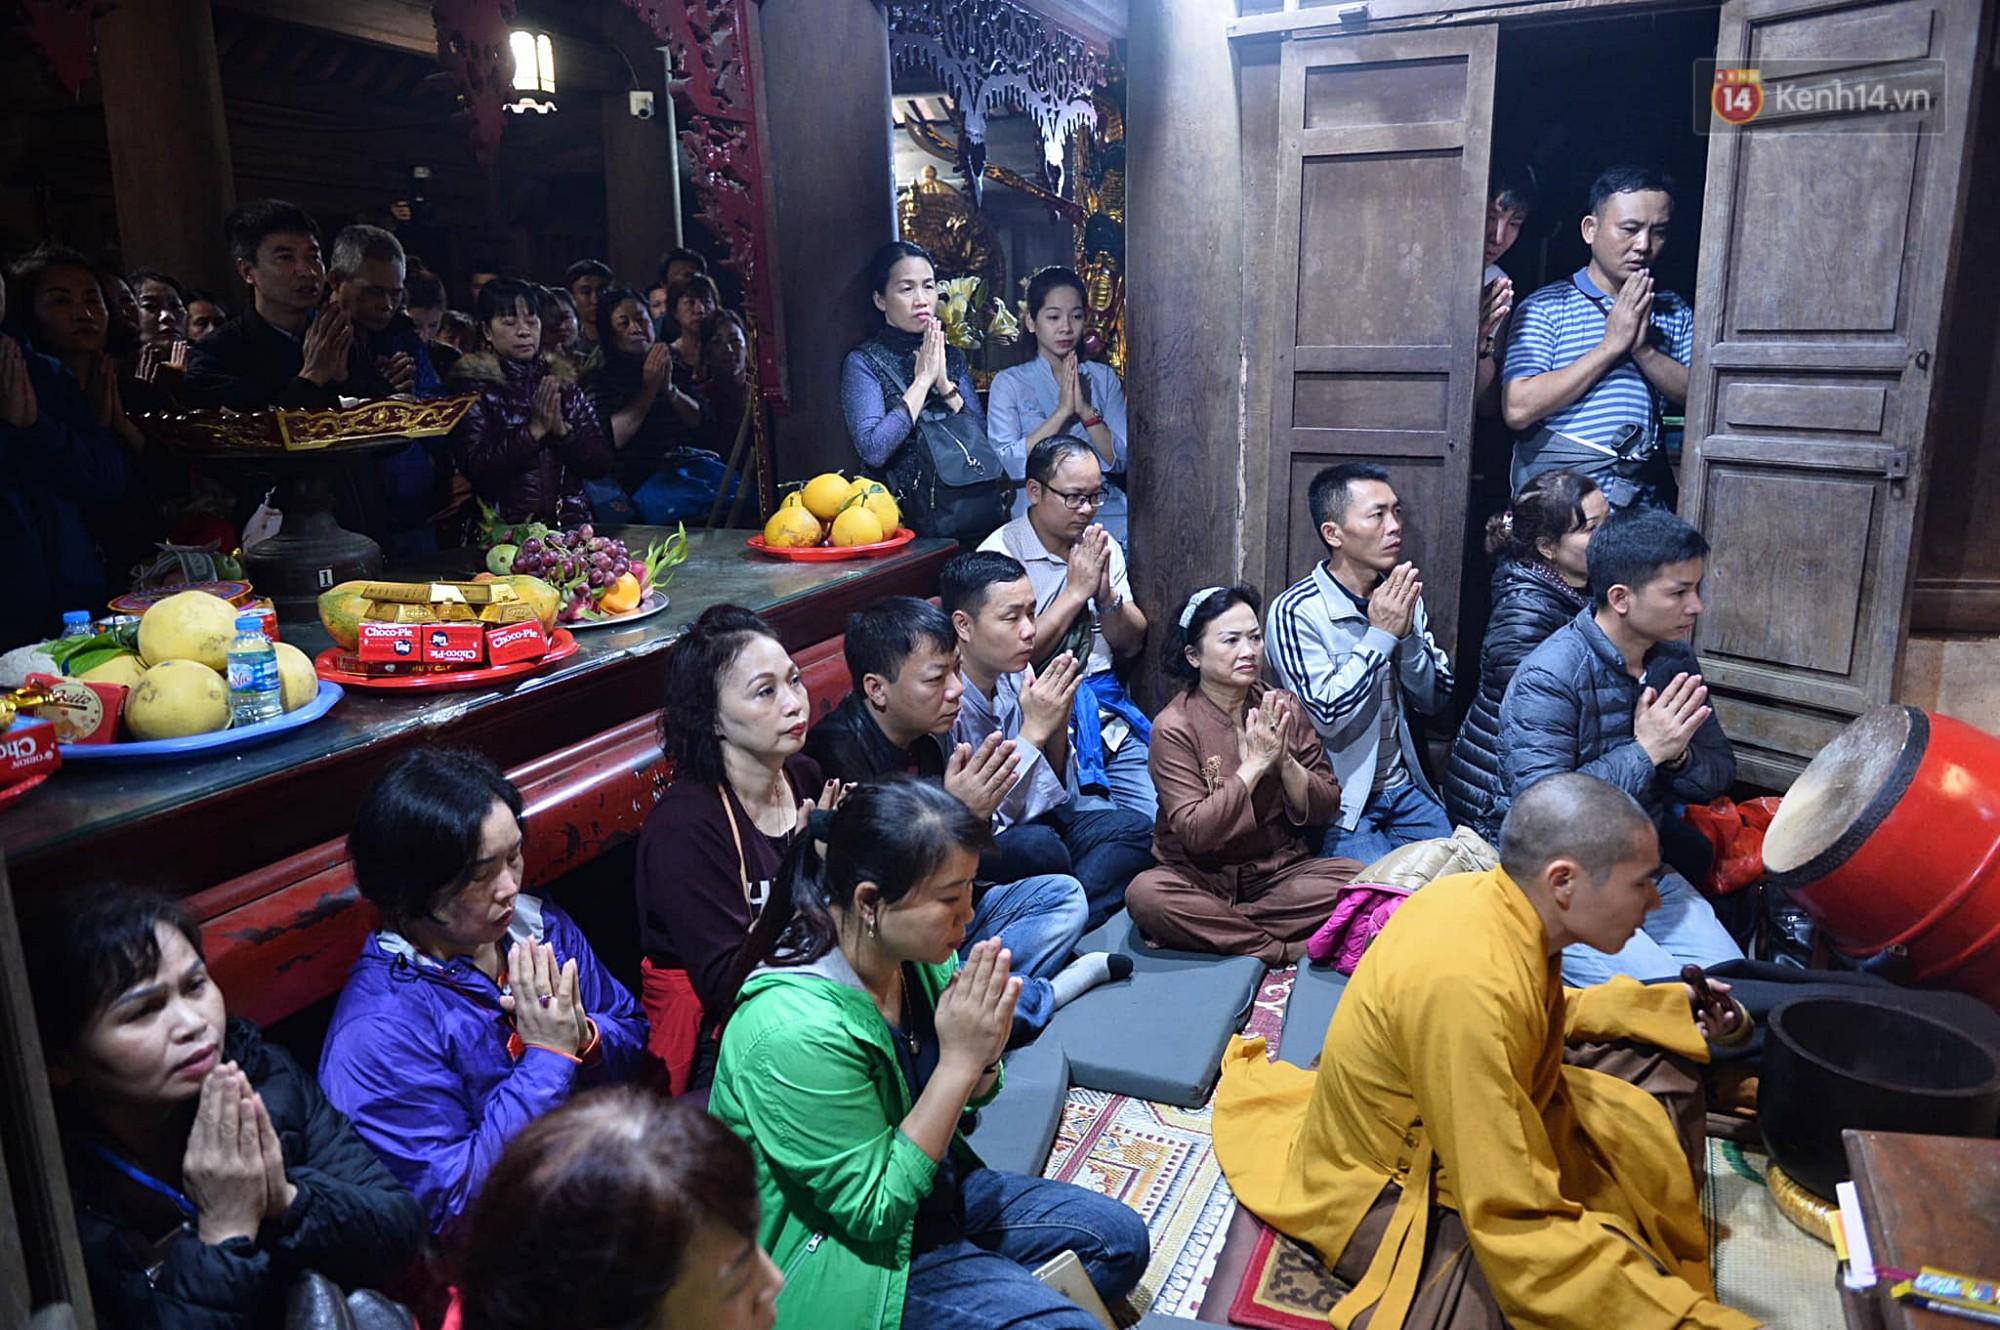 Hàng ngàn người dân đội mưa phùn trong giá rét, hành hương lên đỉnh Yên Tử trong đêm-15